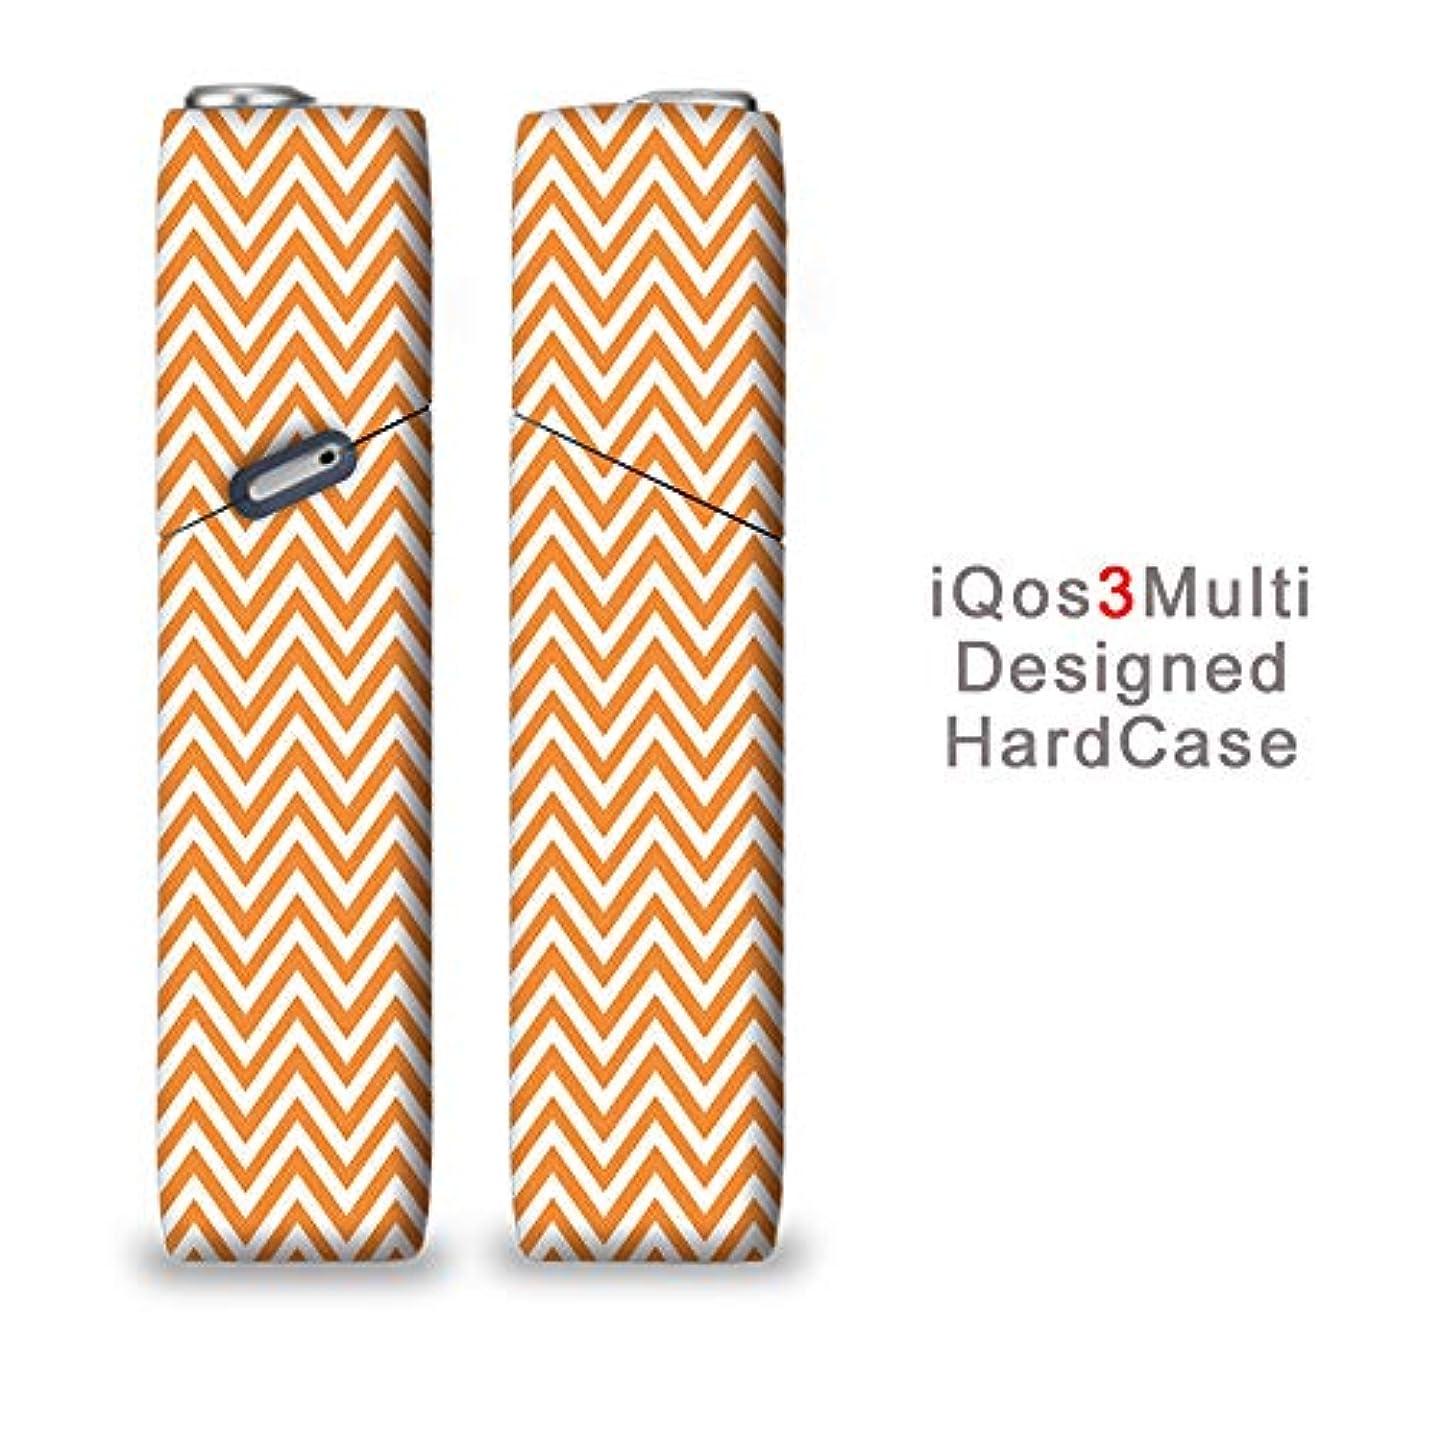 一月行方不明横完全国内受注生産 iQOS3マルチ用 アイコス3マルチ用 熱転写全面印刷 山型 オレンジ 加熱式タバコ 電子タバコ 禁煙サポート アクセサリー プラスティックケース ハードケース 日本製